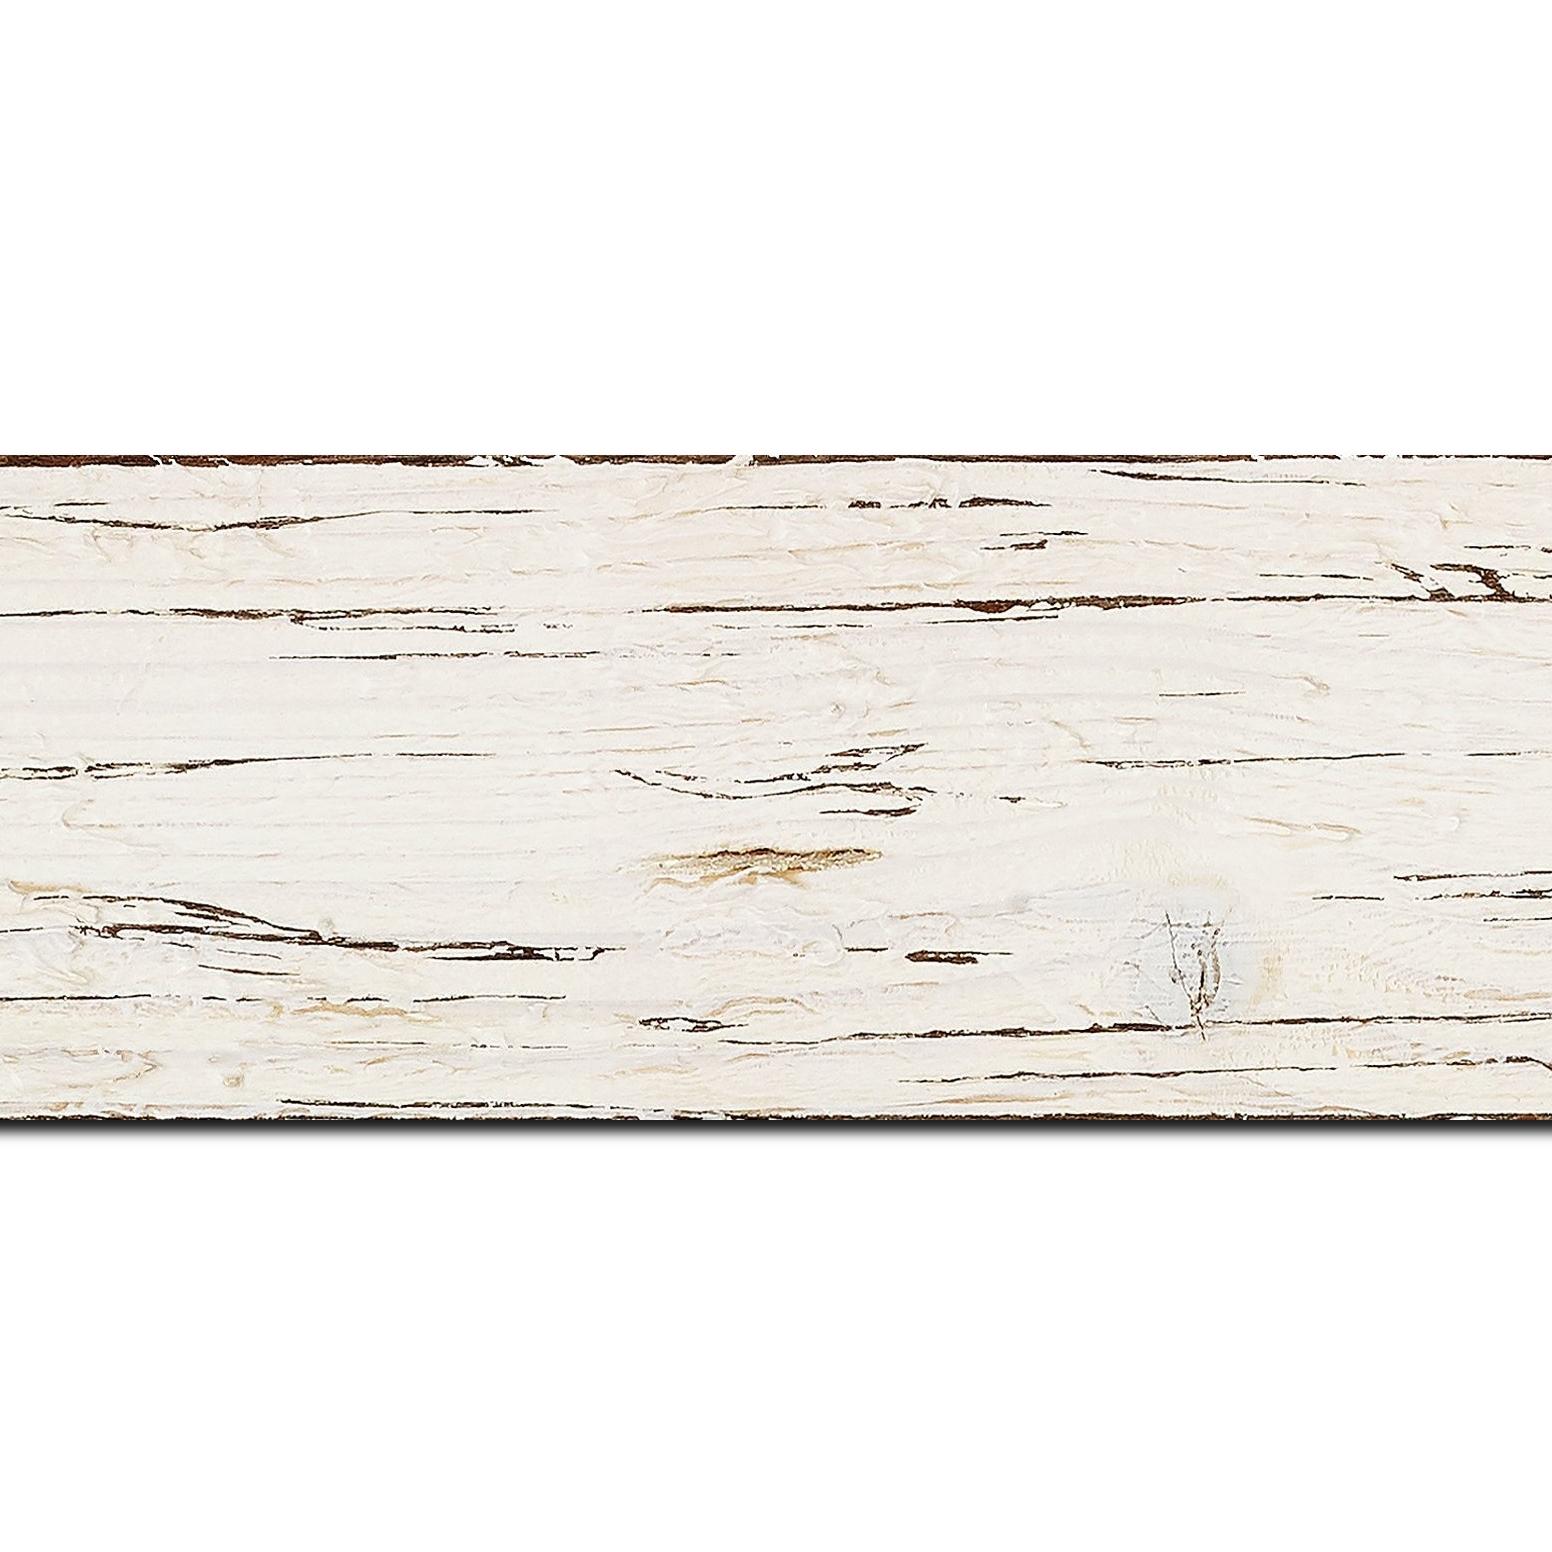 Baguette longueur 1.40m bois profil plat largeur 6.7cm couleur blanchie finition aspect vieilli antique